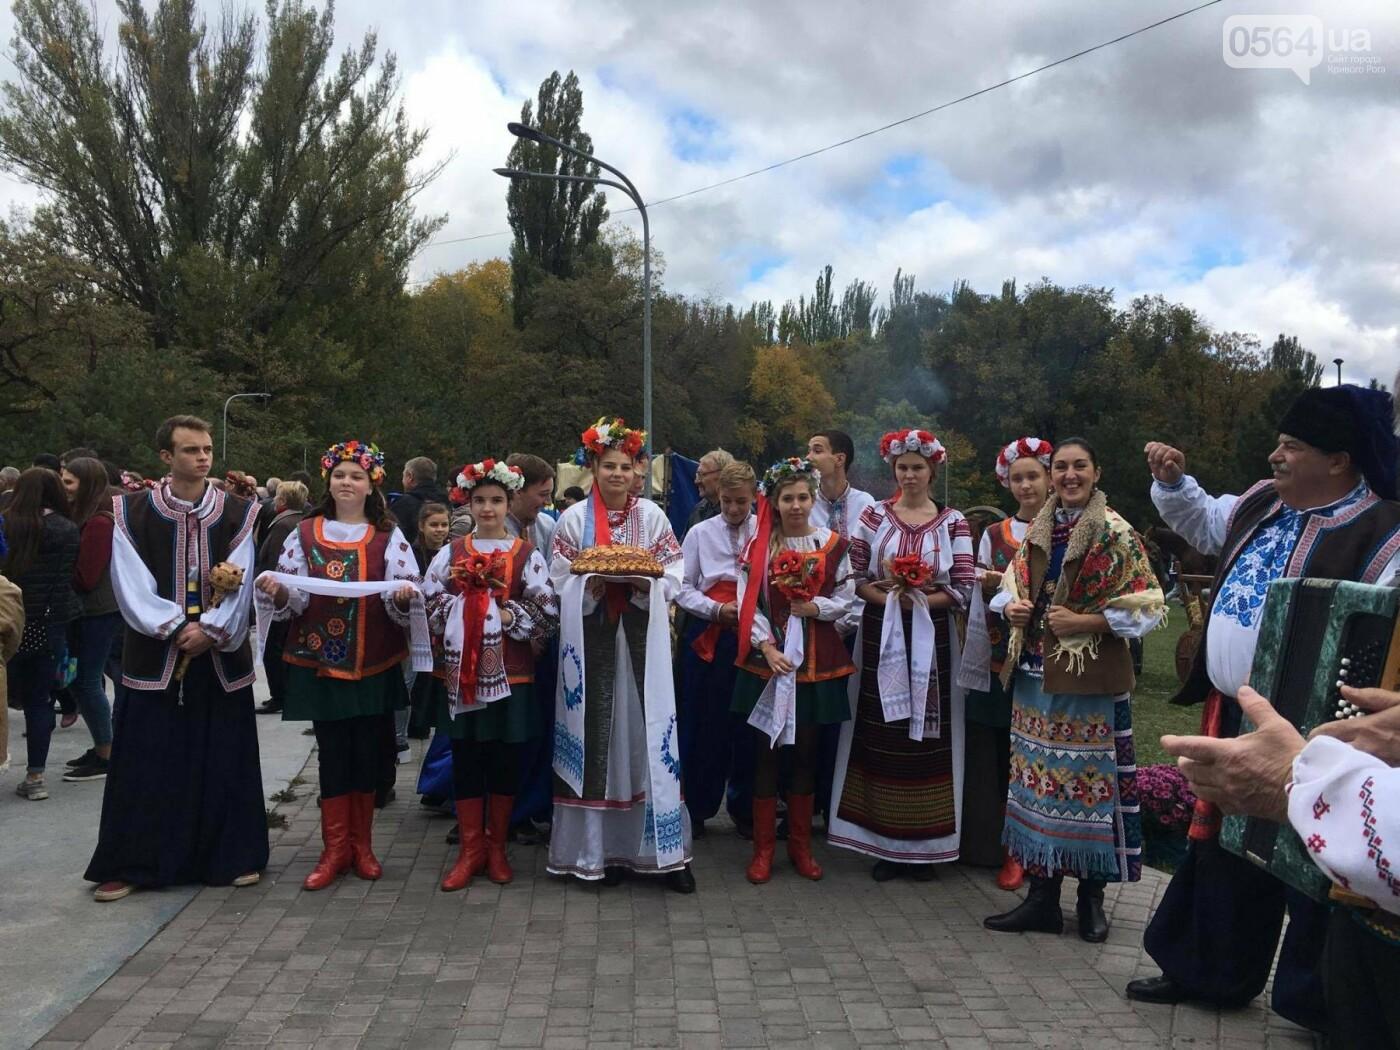 Тысячи криворожан отмечают День украинского козачества на Фестивале в парке Героев (ФОТО, ВИДЕО), фото-18